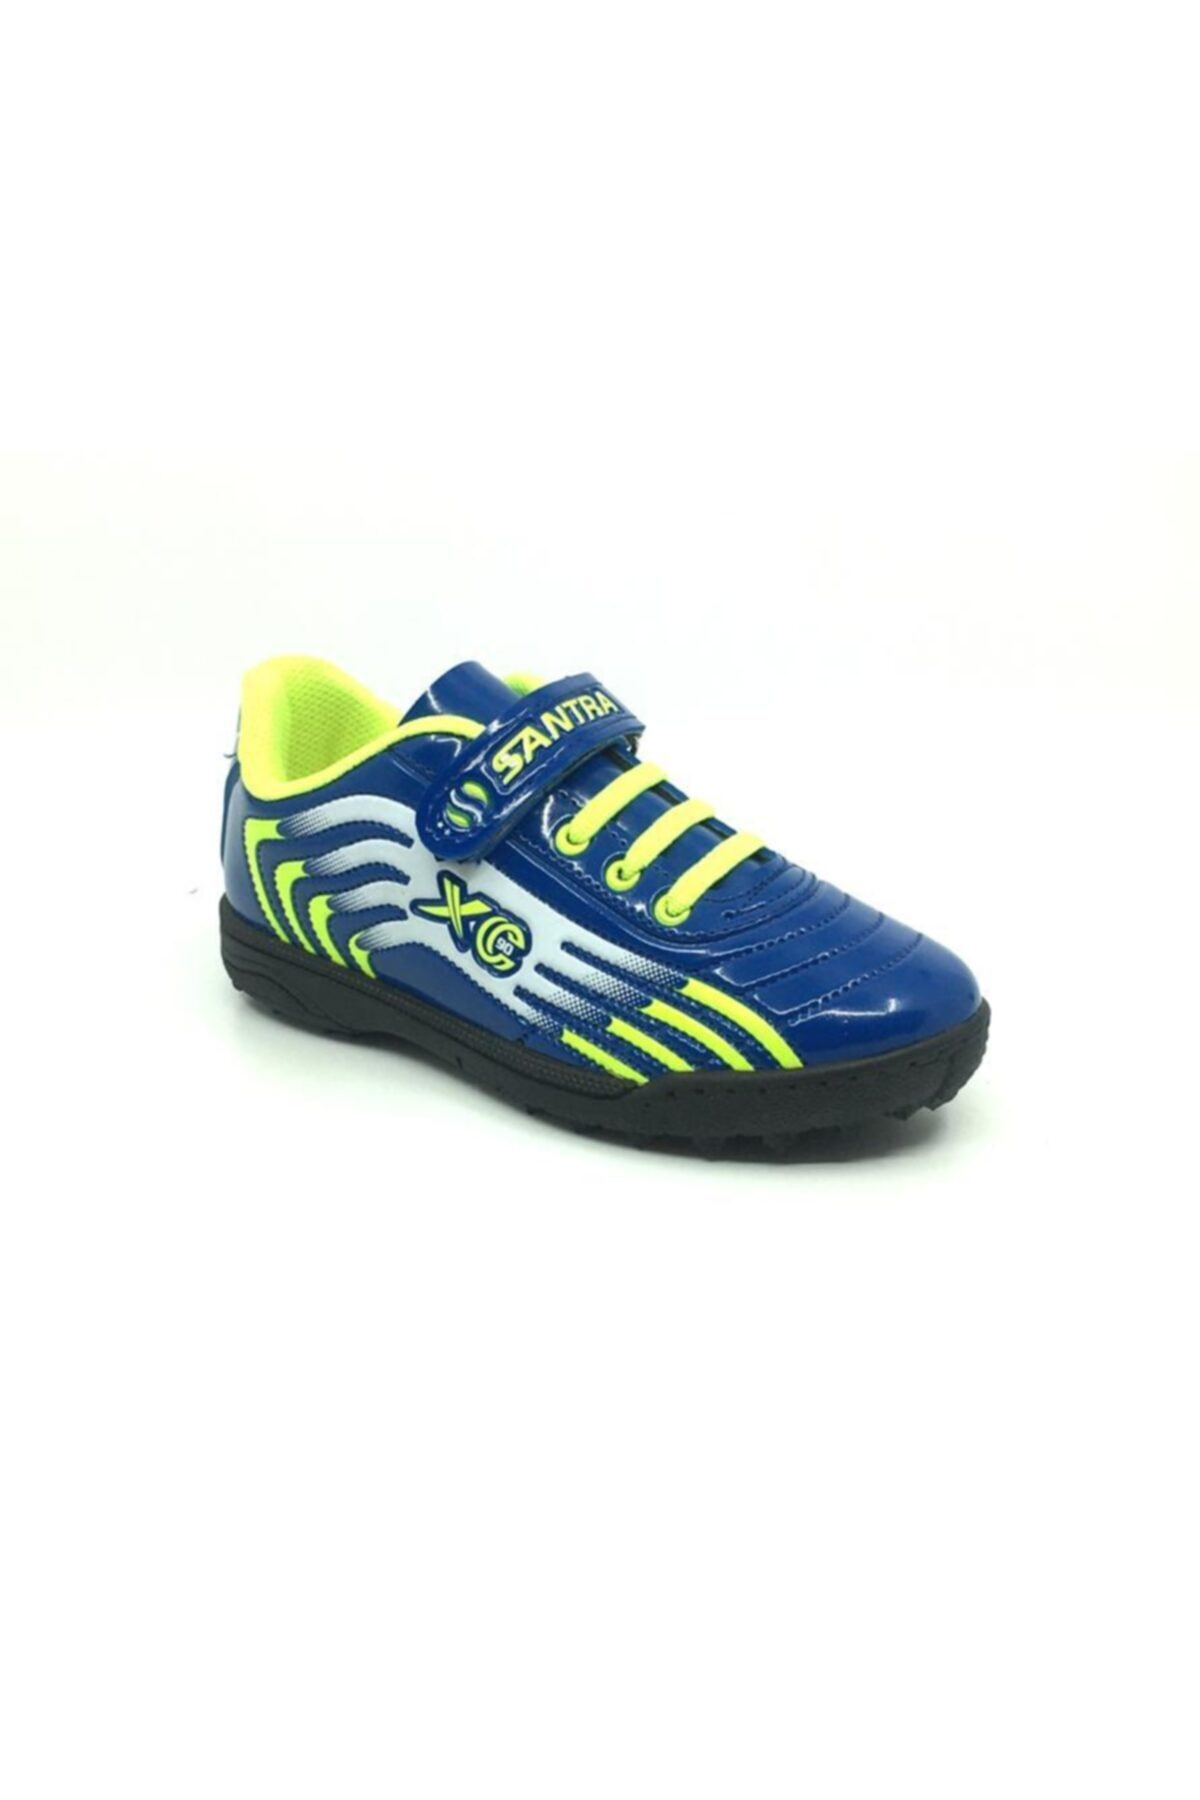 Çocuk Halı Saha Krampon Spor Ayakkabı 26-35